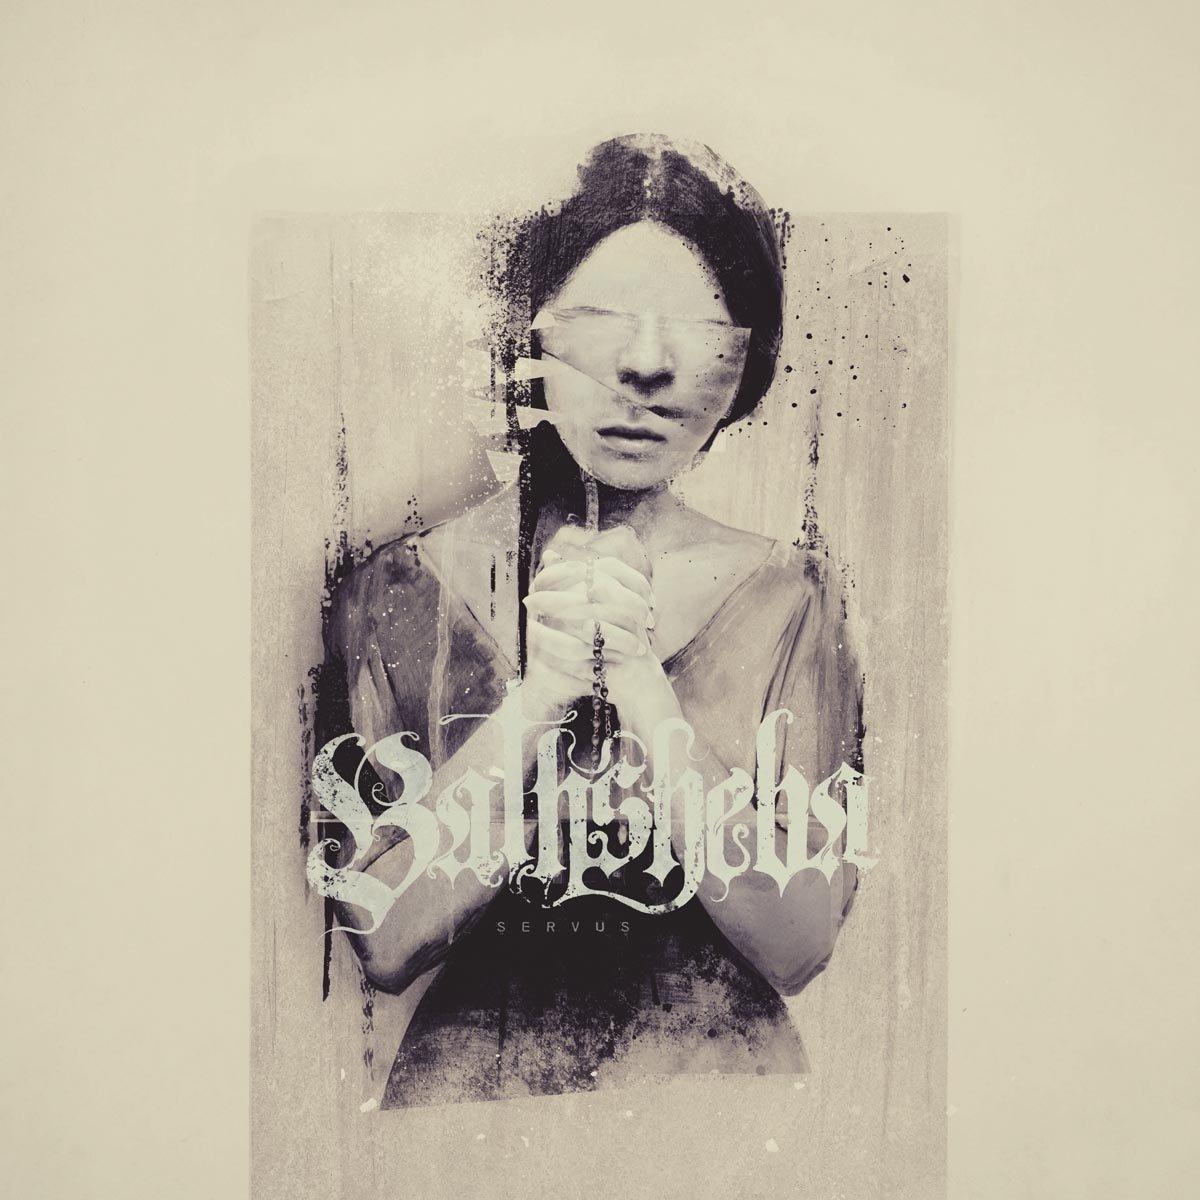 Vinilo : Bathsheba - Servus (Black)